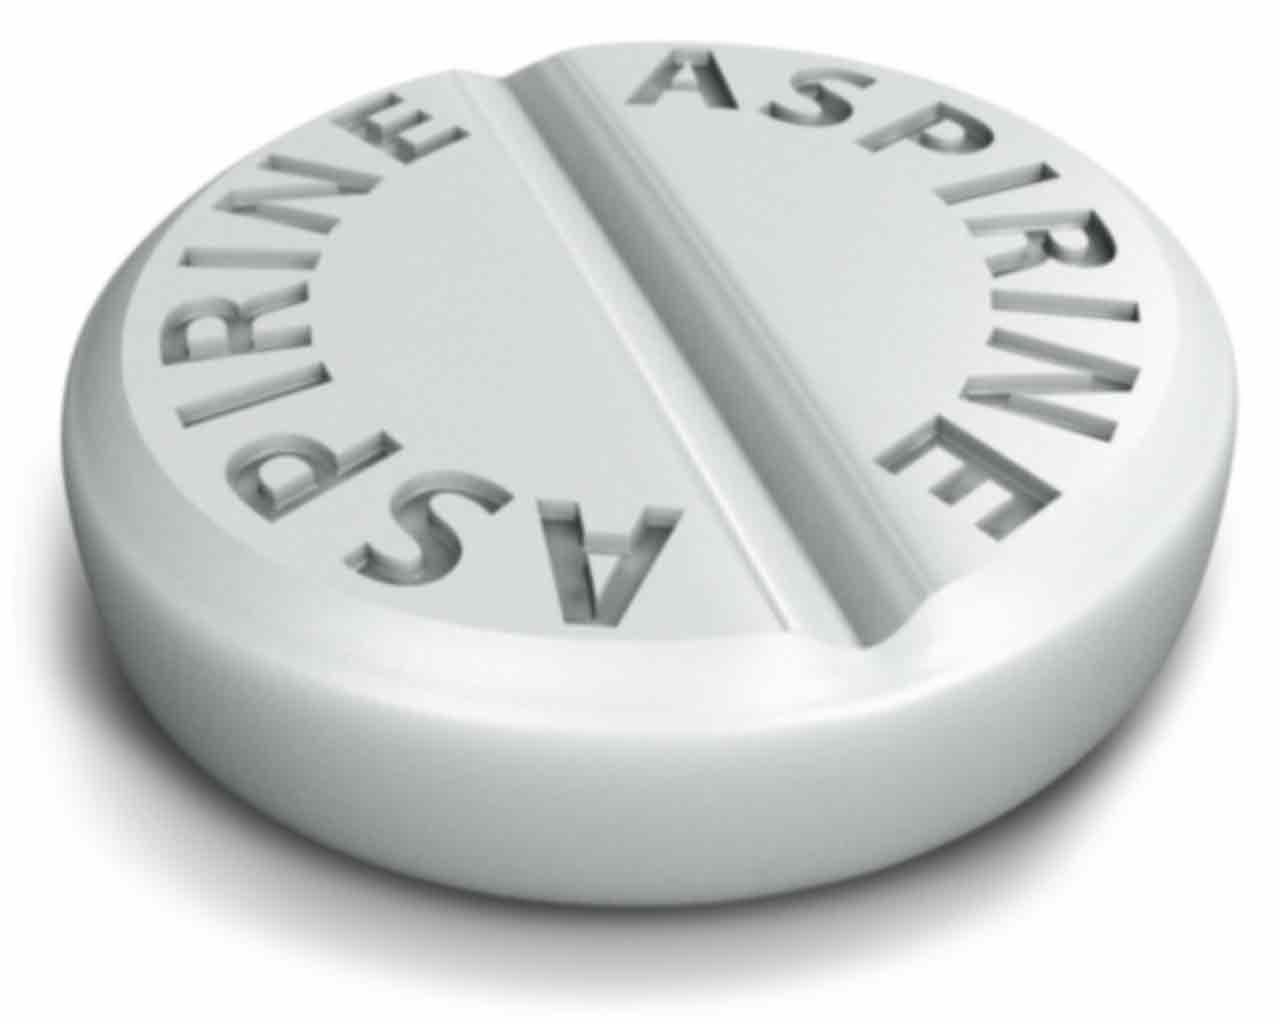 Таблетка Аспирина на белом фоне